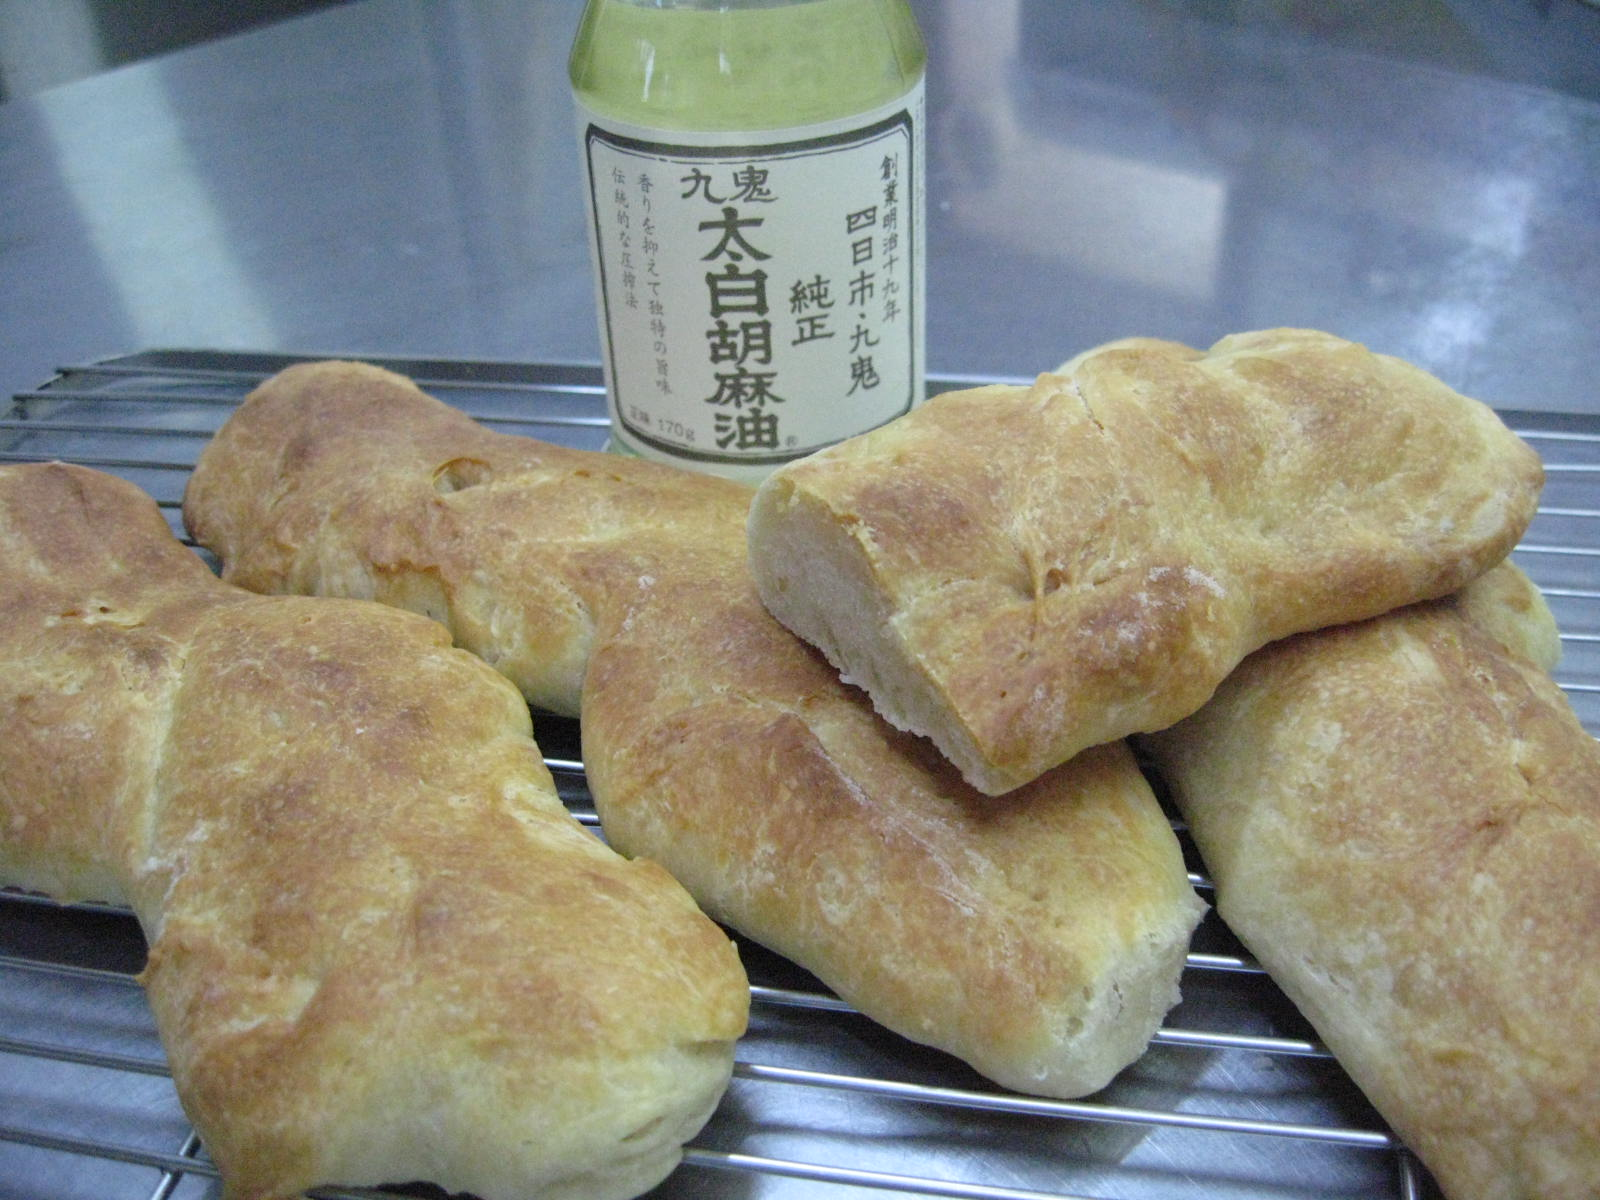 パン作り_f0146620_23454593.jpg